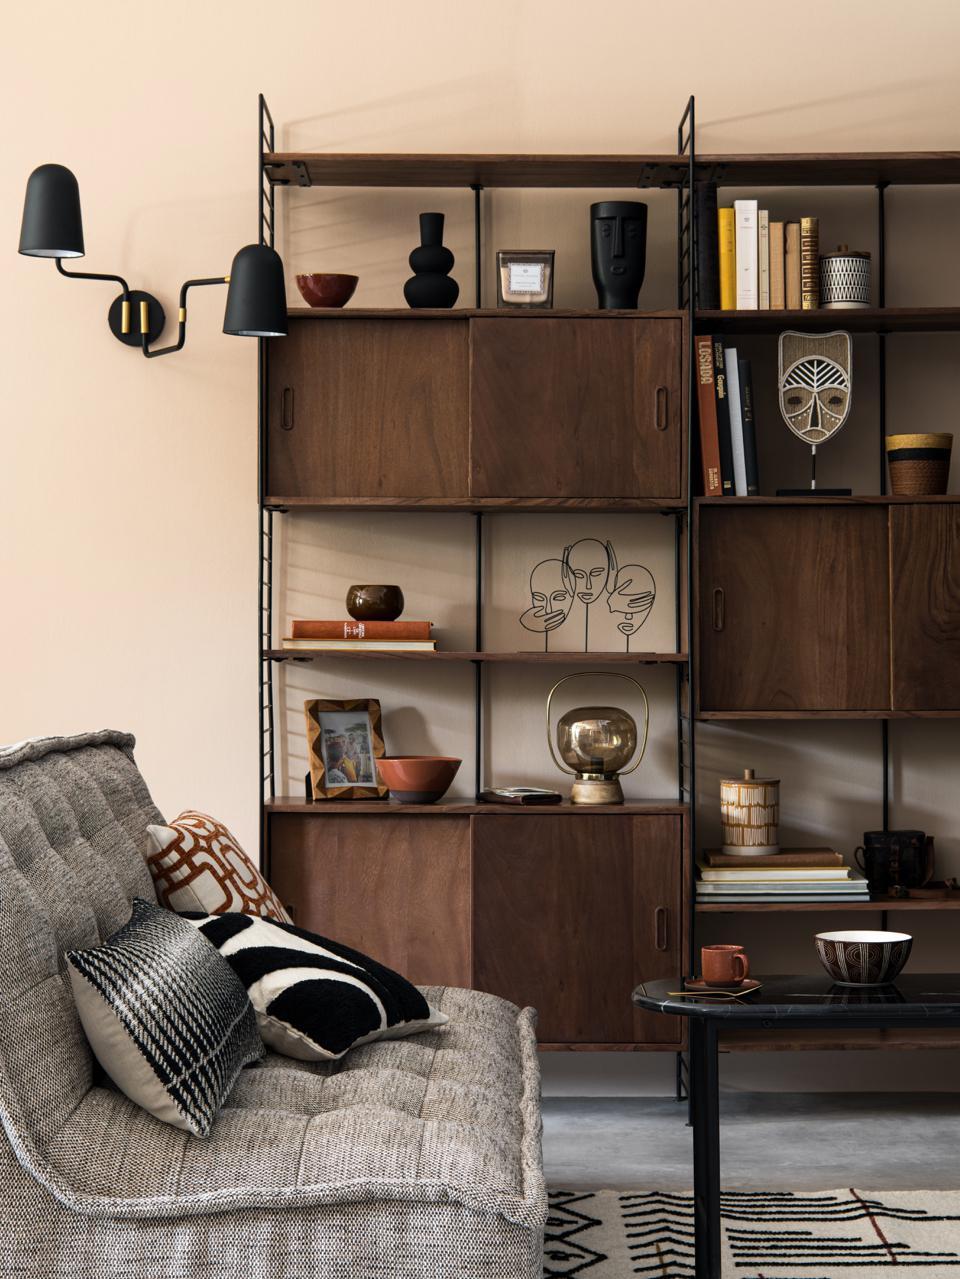 couchtisch-maisons-du-monde-decohome.de-marmor-vintage-style-skandi